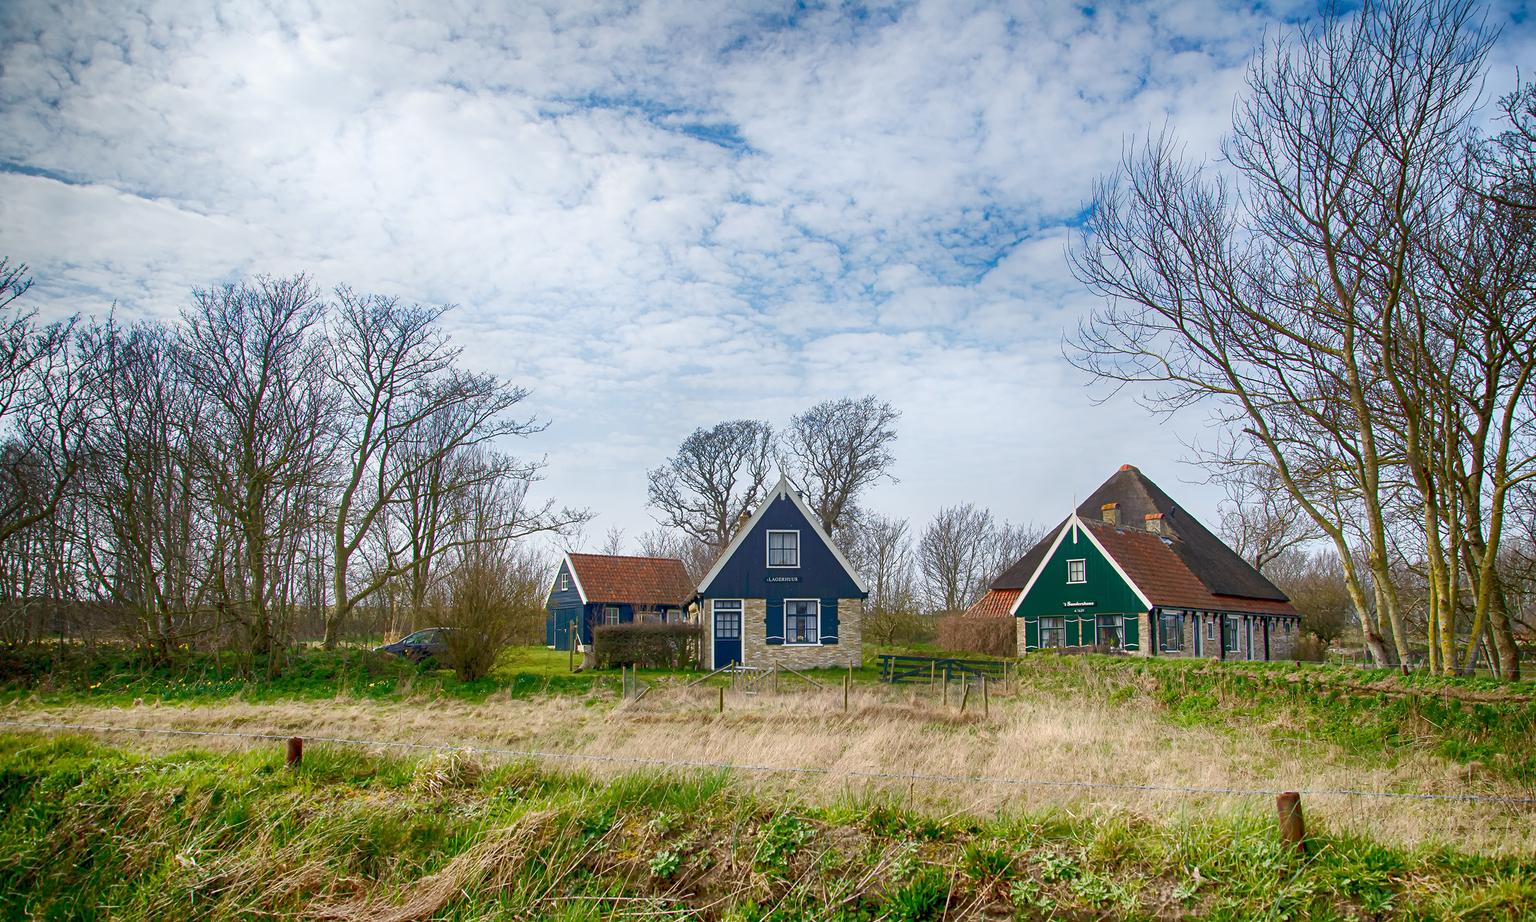 sanders huus - Hoge berg Texel - foto door stouten op 14-04-2021 - deze foto bevat: wolk, lucht, fabriek, eigendom, ecoregio, natuurlijk landschap, boom, gebouw, huis, afdeling